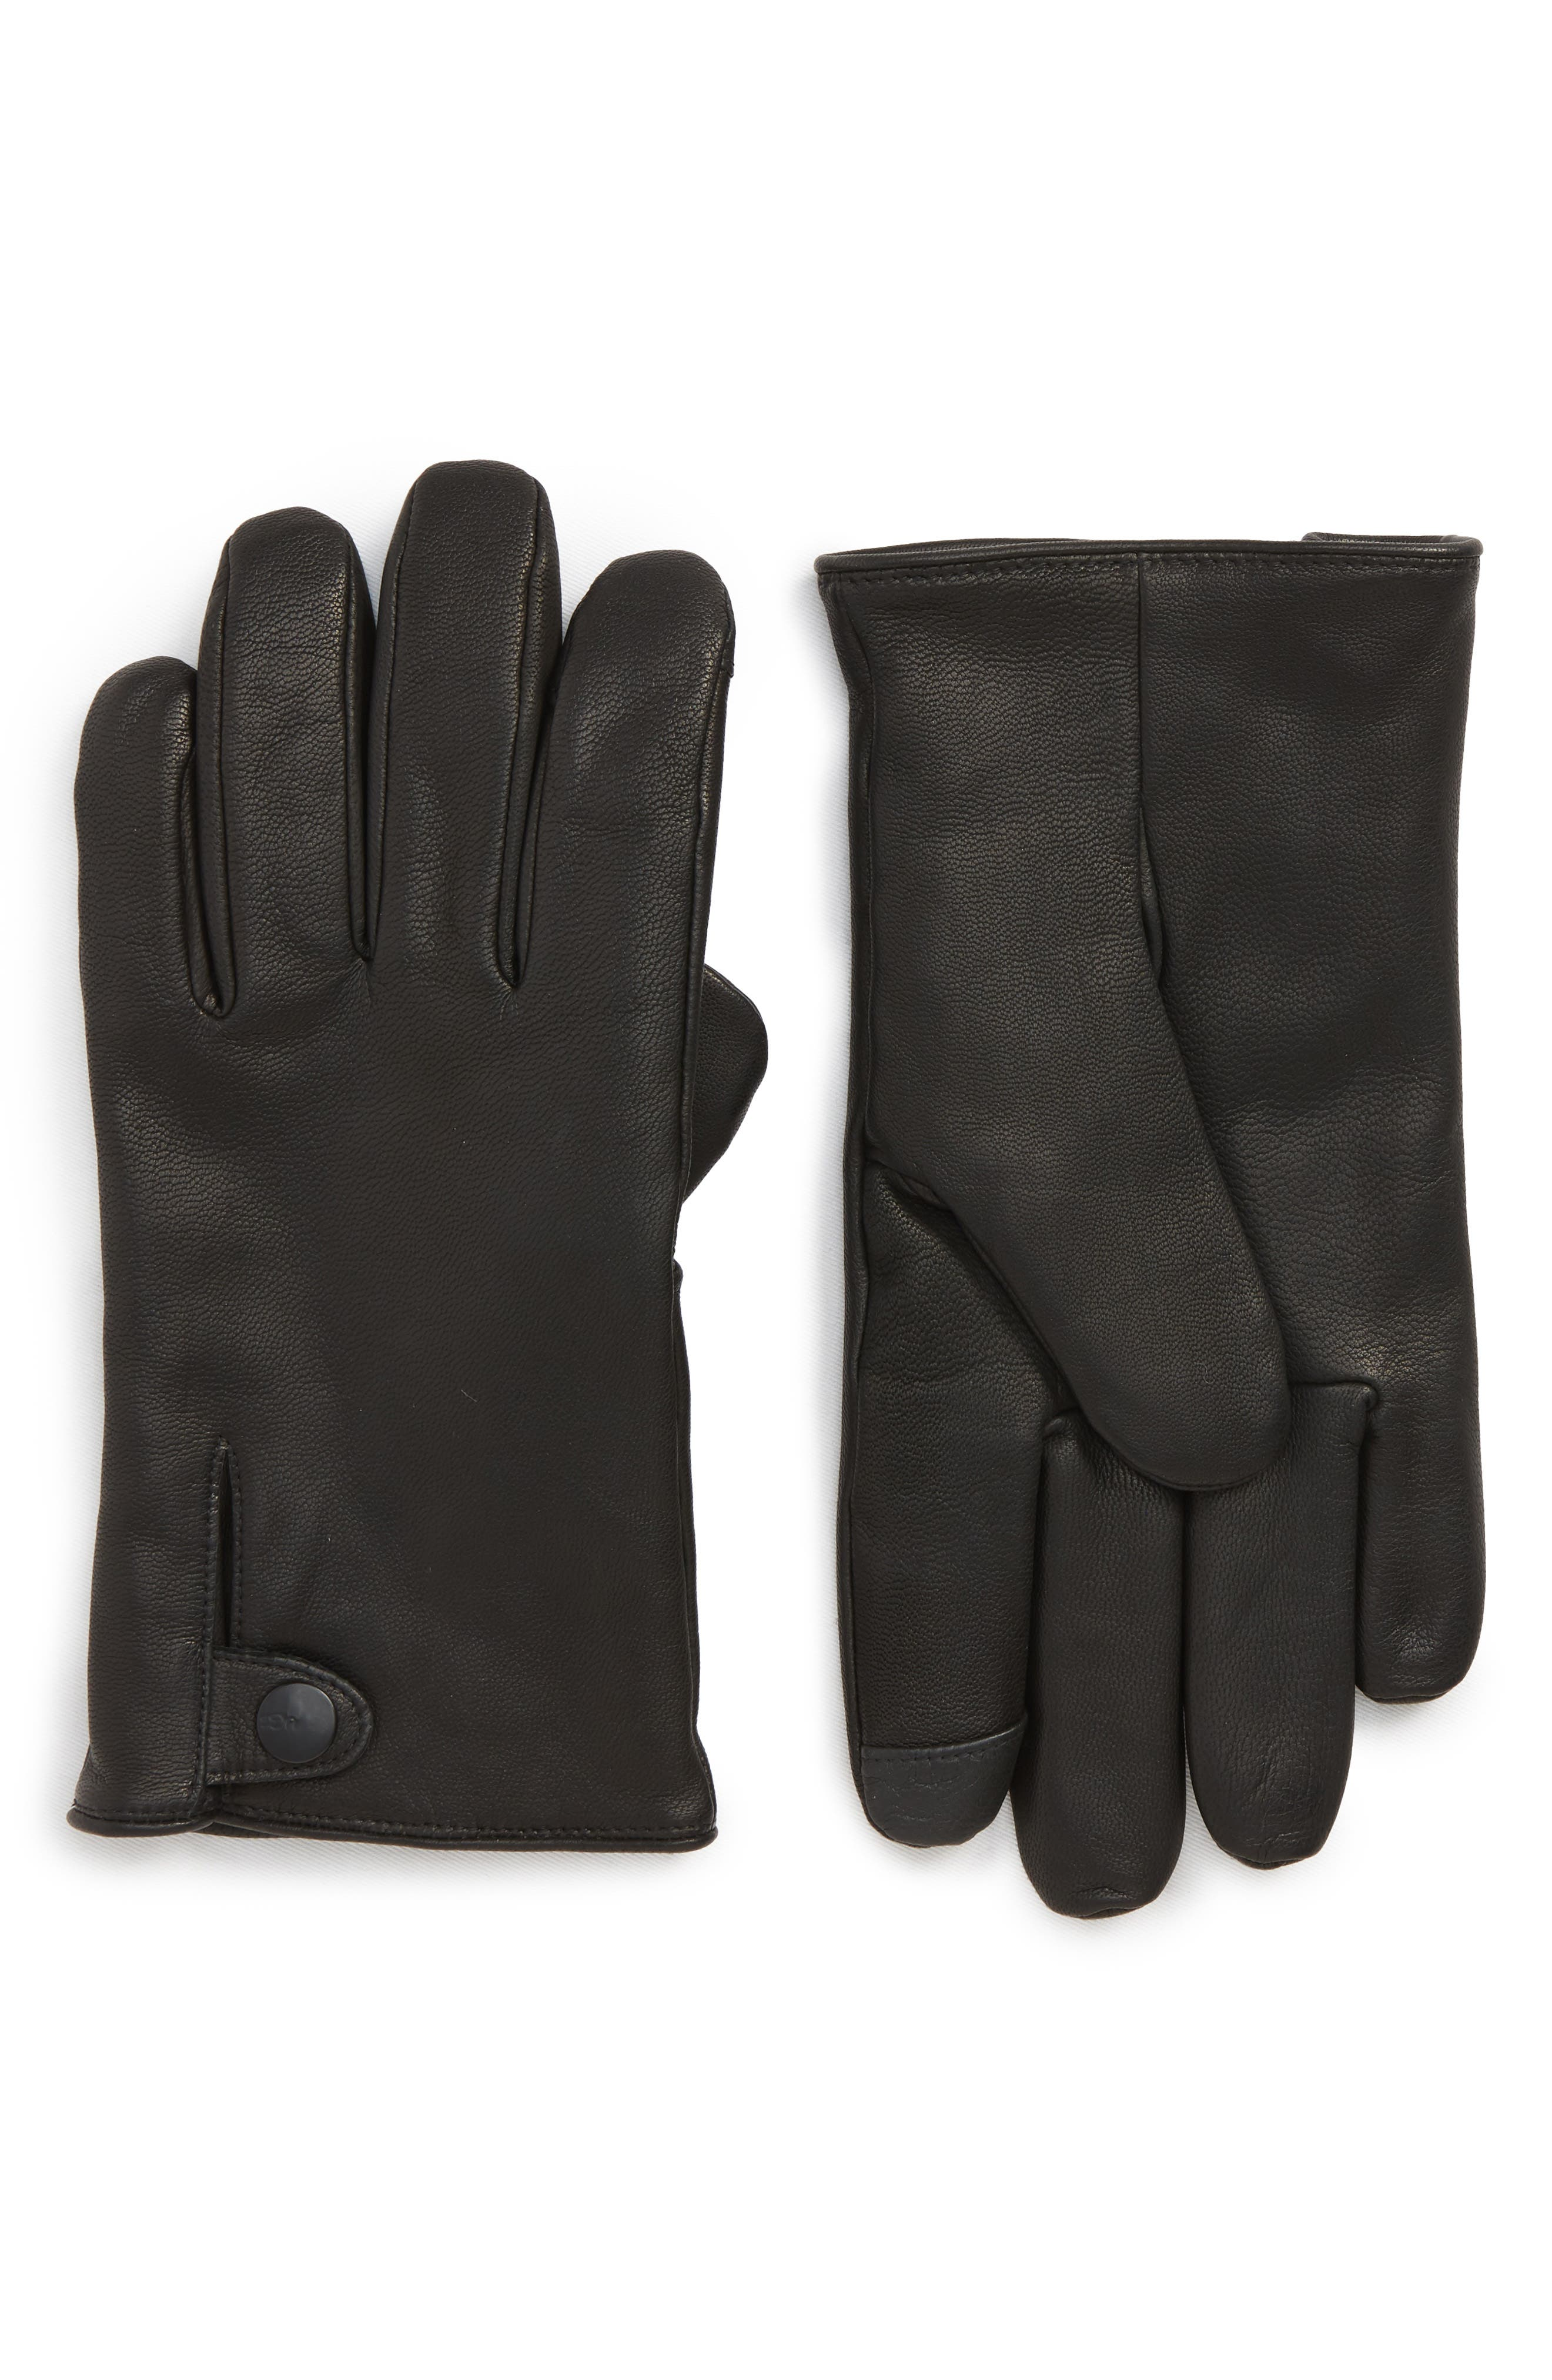 Vintage Men's Accessories Mens Ugg Leather Gloves Size X-Large - Black $95.00 AT vintagedancer.com